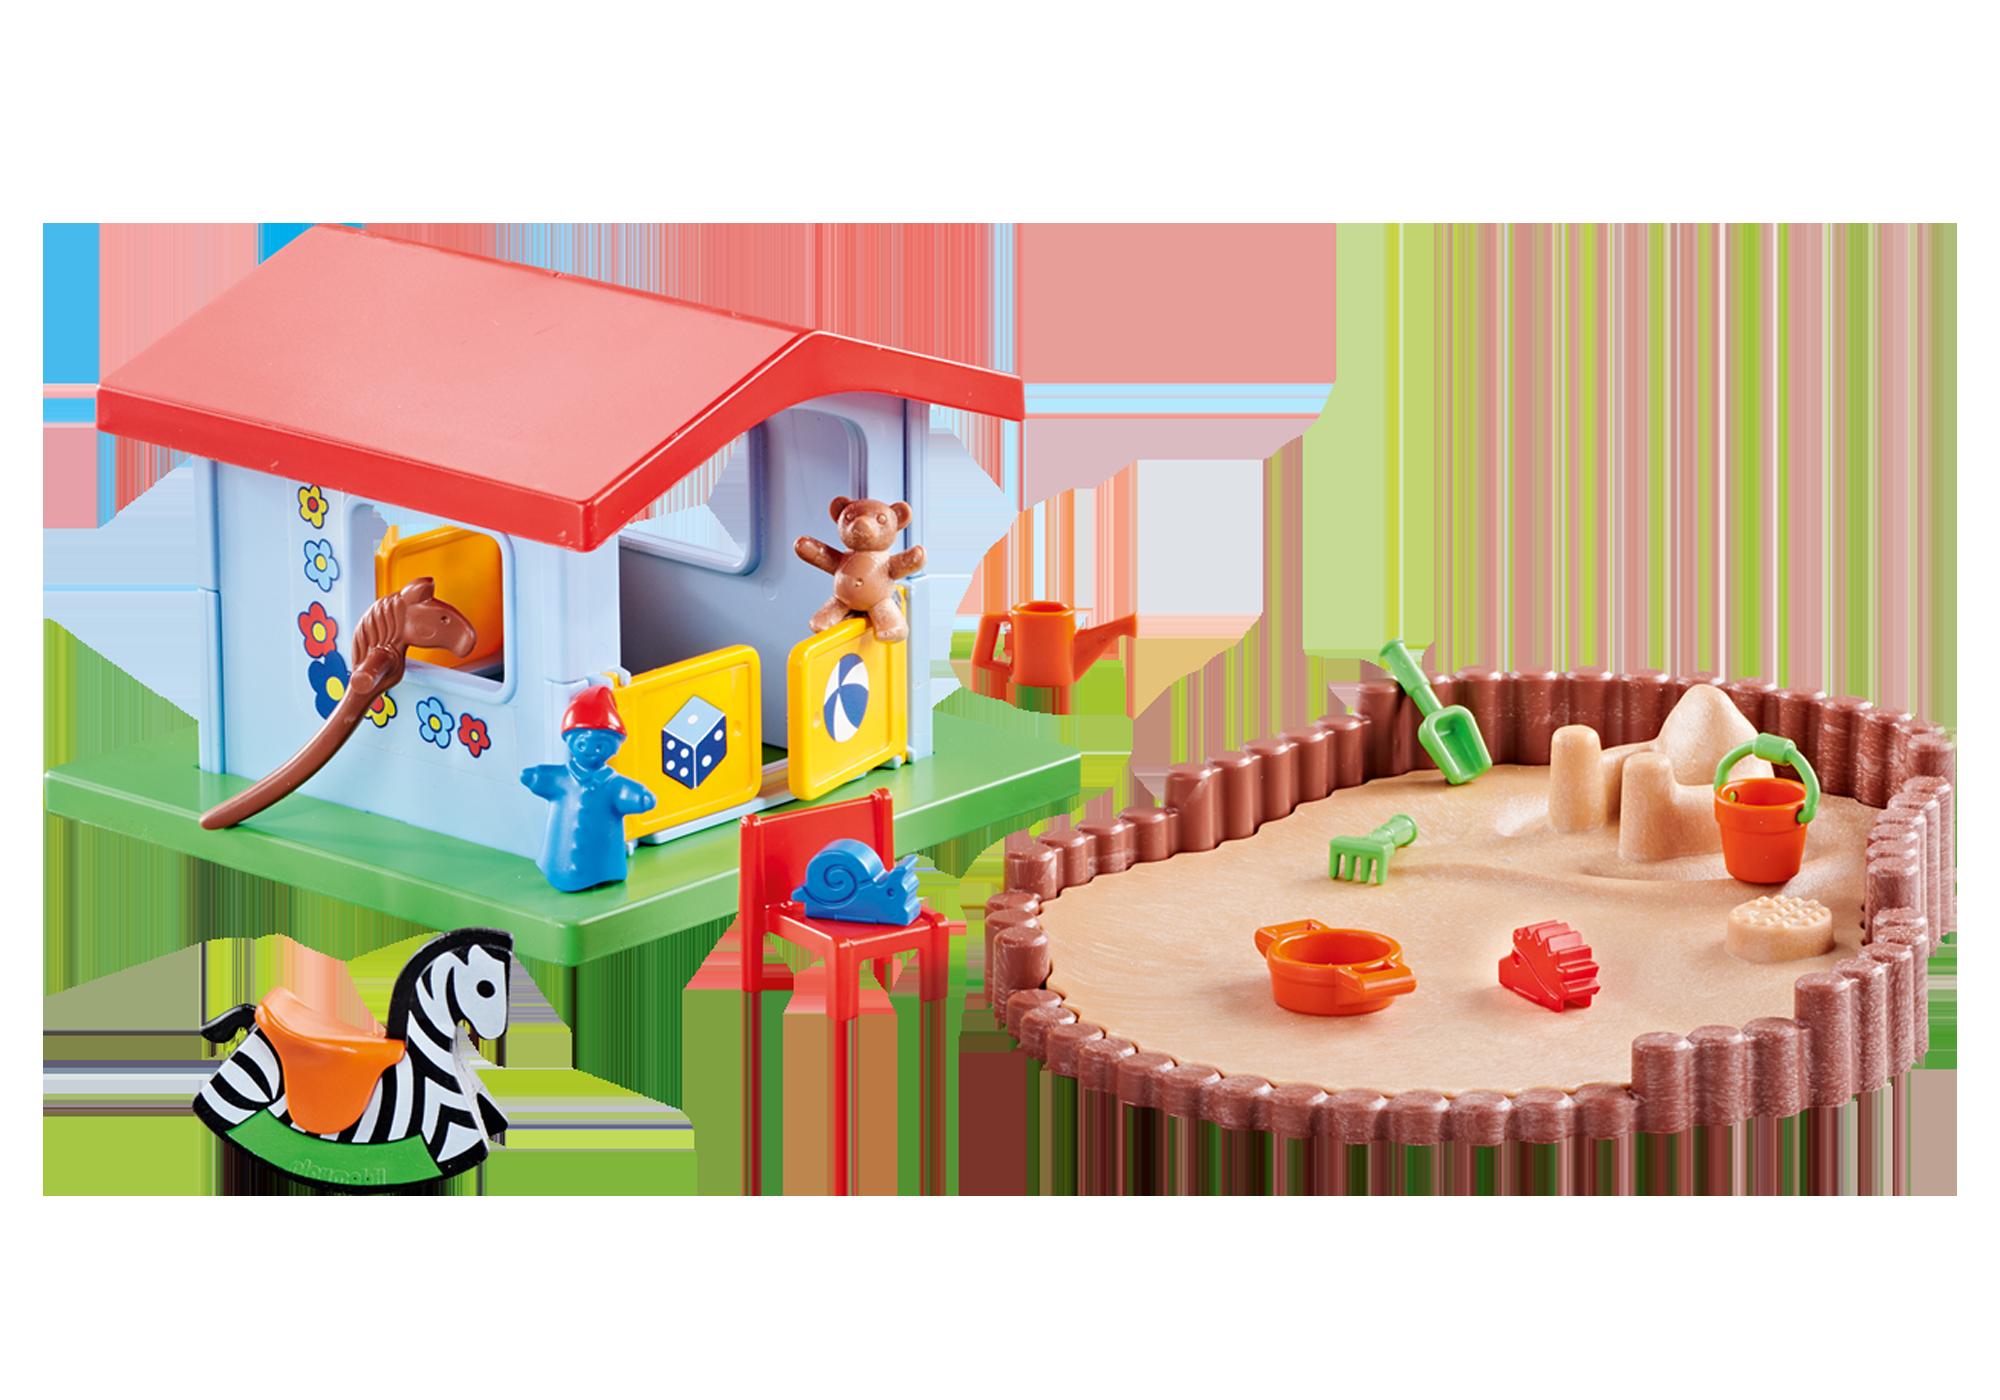 http://media.playmobil.com/i/playmobil/9814_product_detail/Pequena casa de brincar com recinto de areia